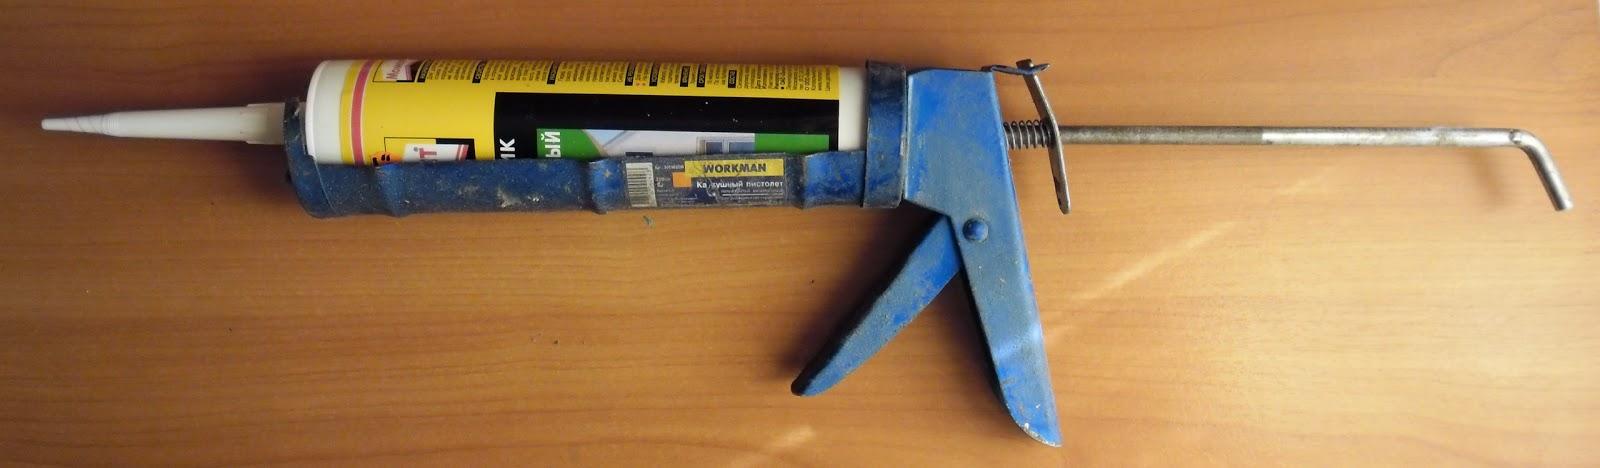 Простейший пистолет для герметика